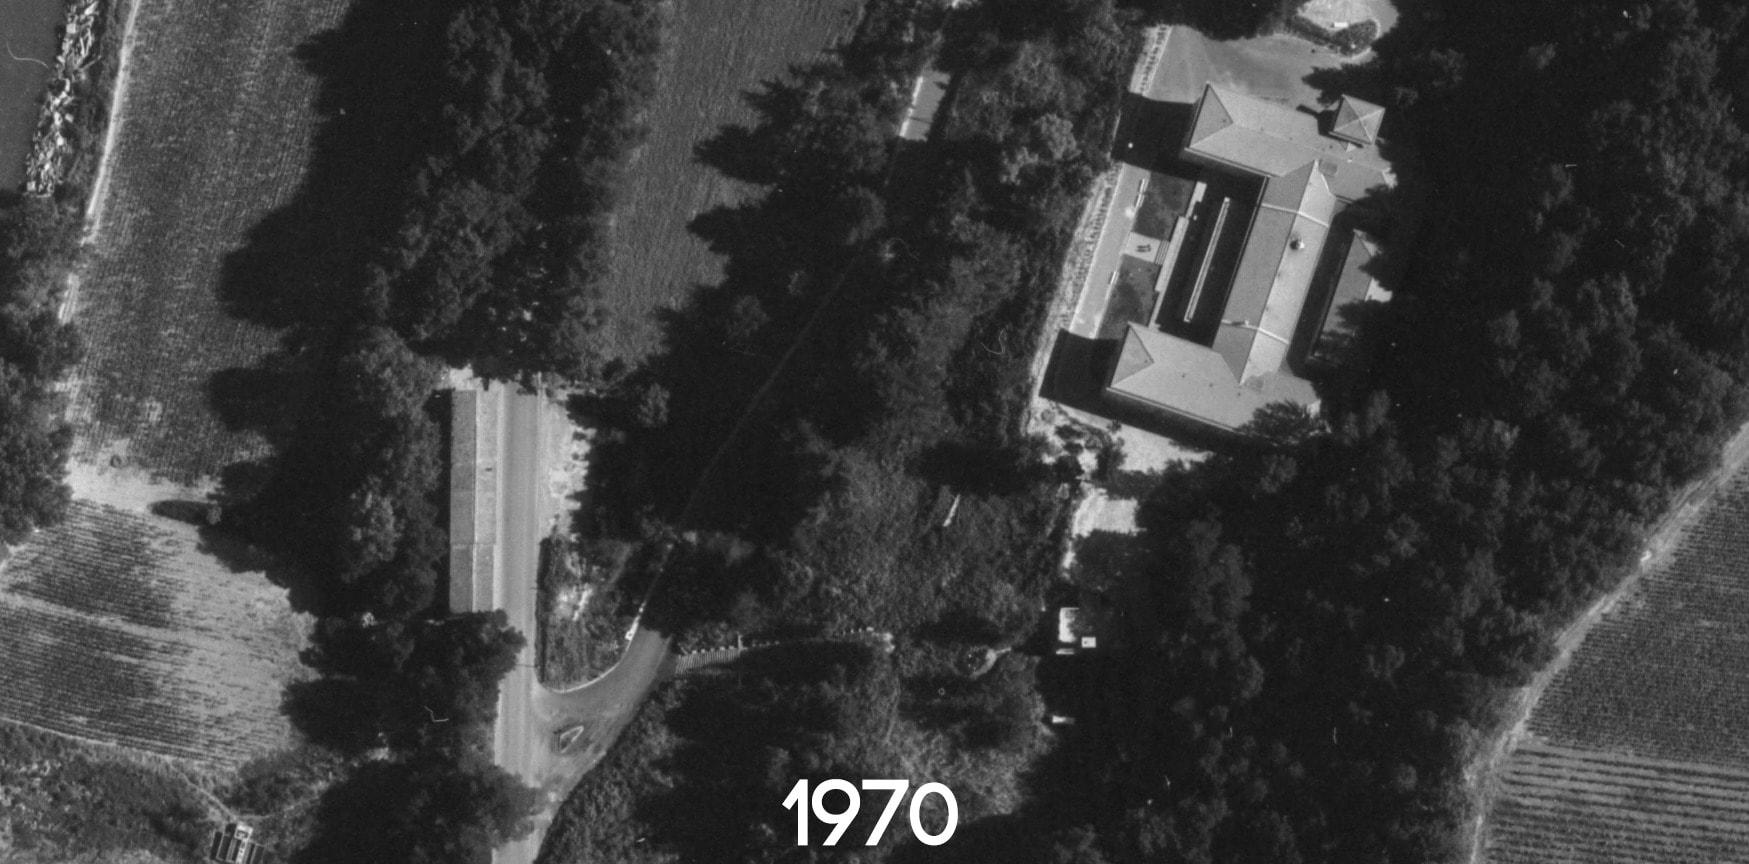 maison-de-retraite-de-wysteria-map1970